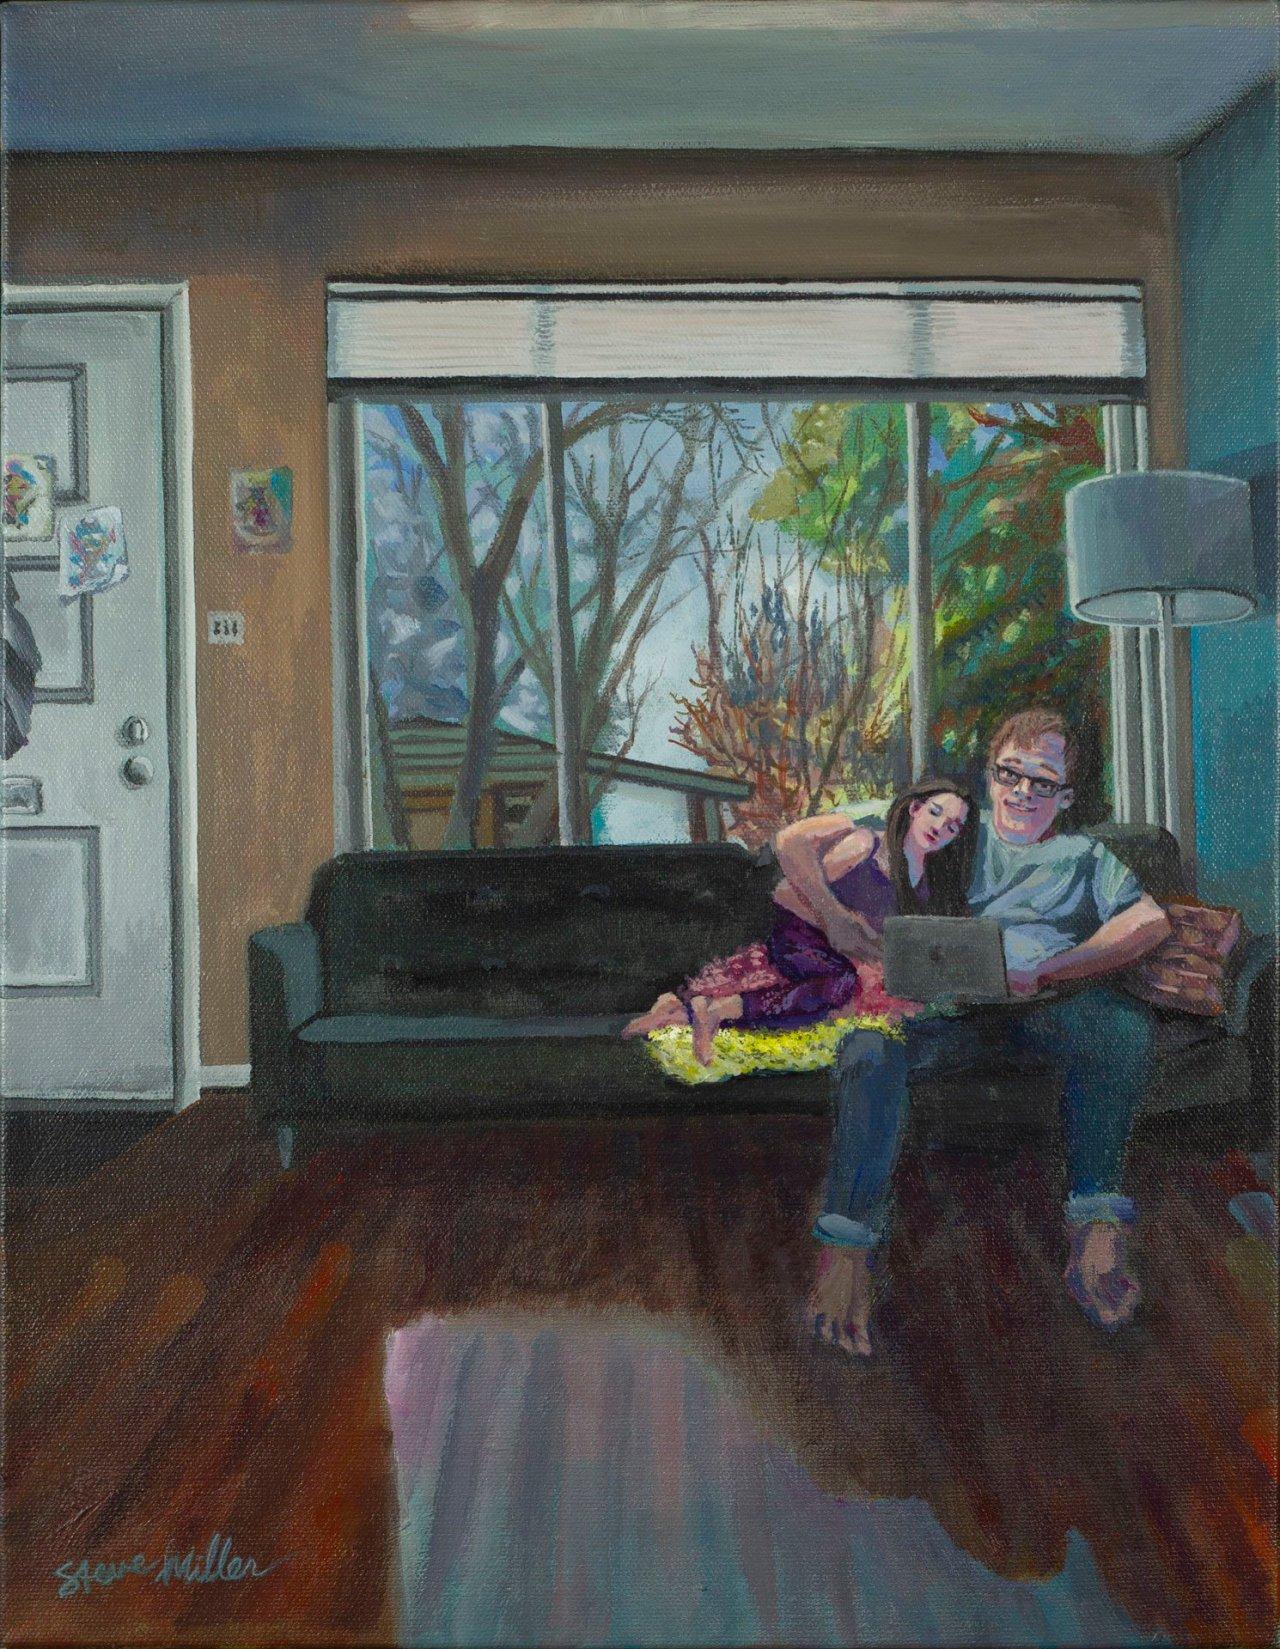 """Home School, acrylic on canvas, 14"""" x 18"""" x 1.5"""", 4/1/20, © Steve Miller 2020"""